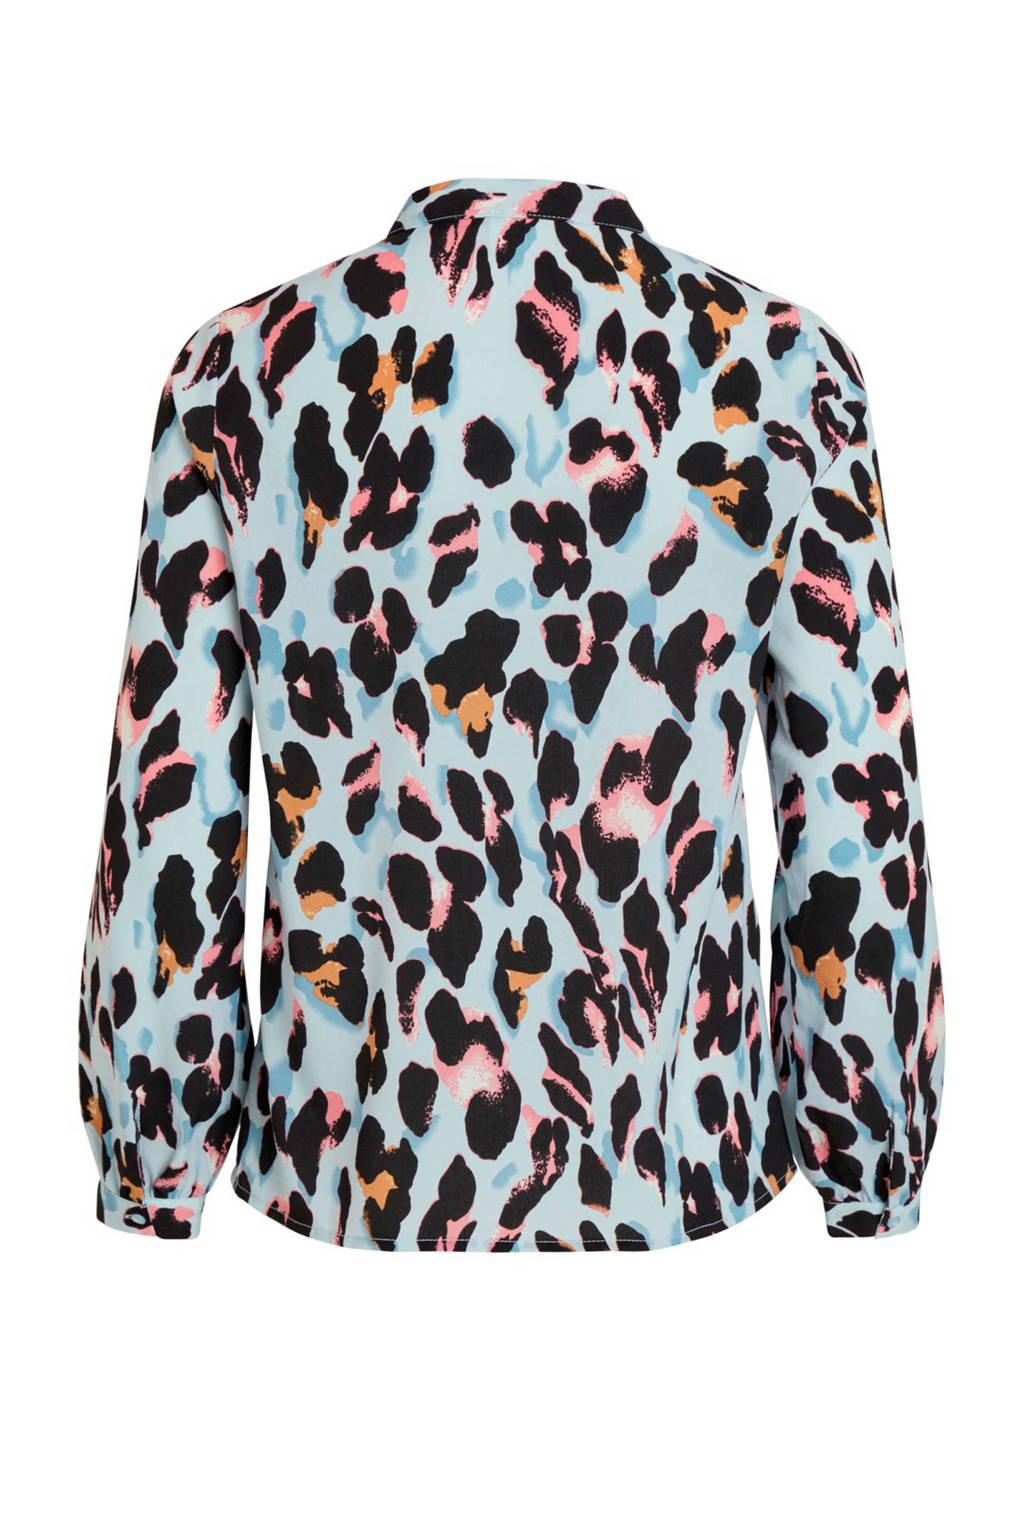 klassiek populaire winkels ongeslagen x VILA blouse met panterprint blauw | wehkamp